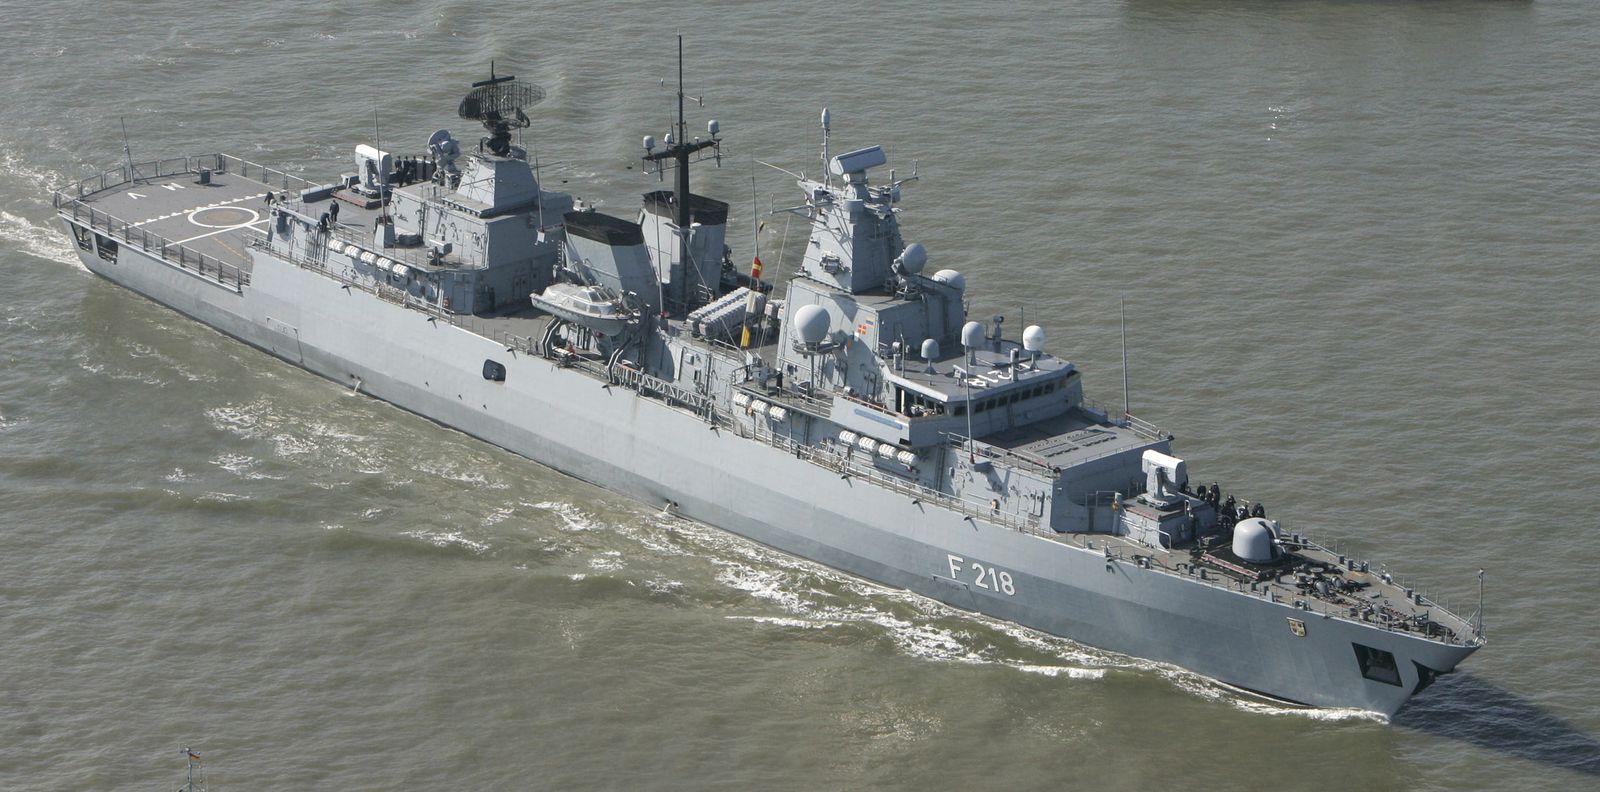 Fregatte Mecklenburg Vorpommern